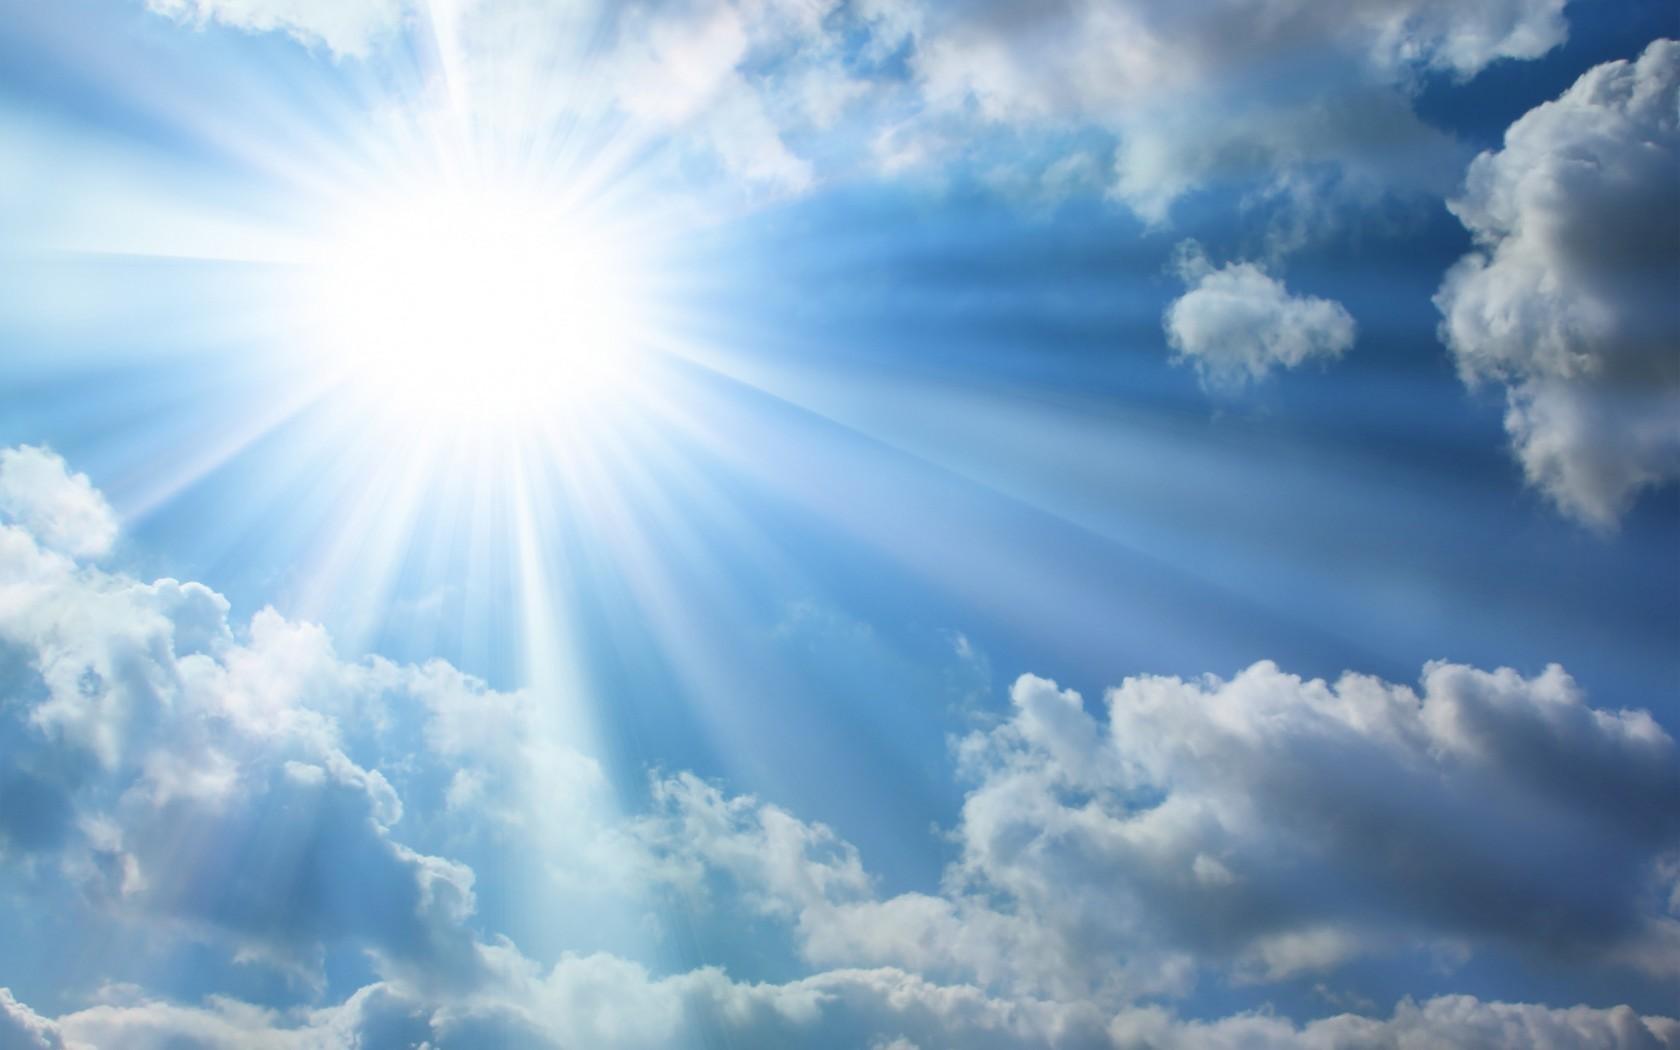 16267 скачать обои Небо, Пейзаж, Солнце, Фон, Облака - заставки и картинки бесплатно